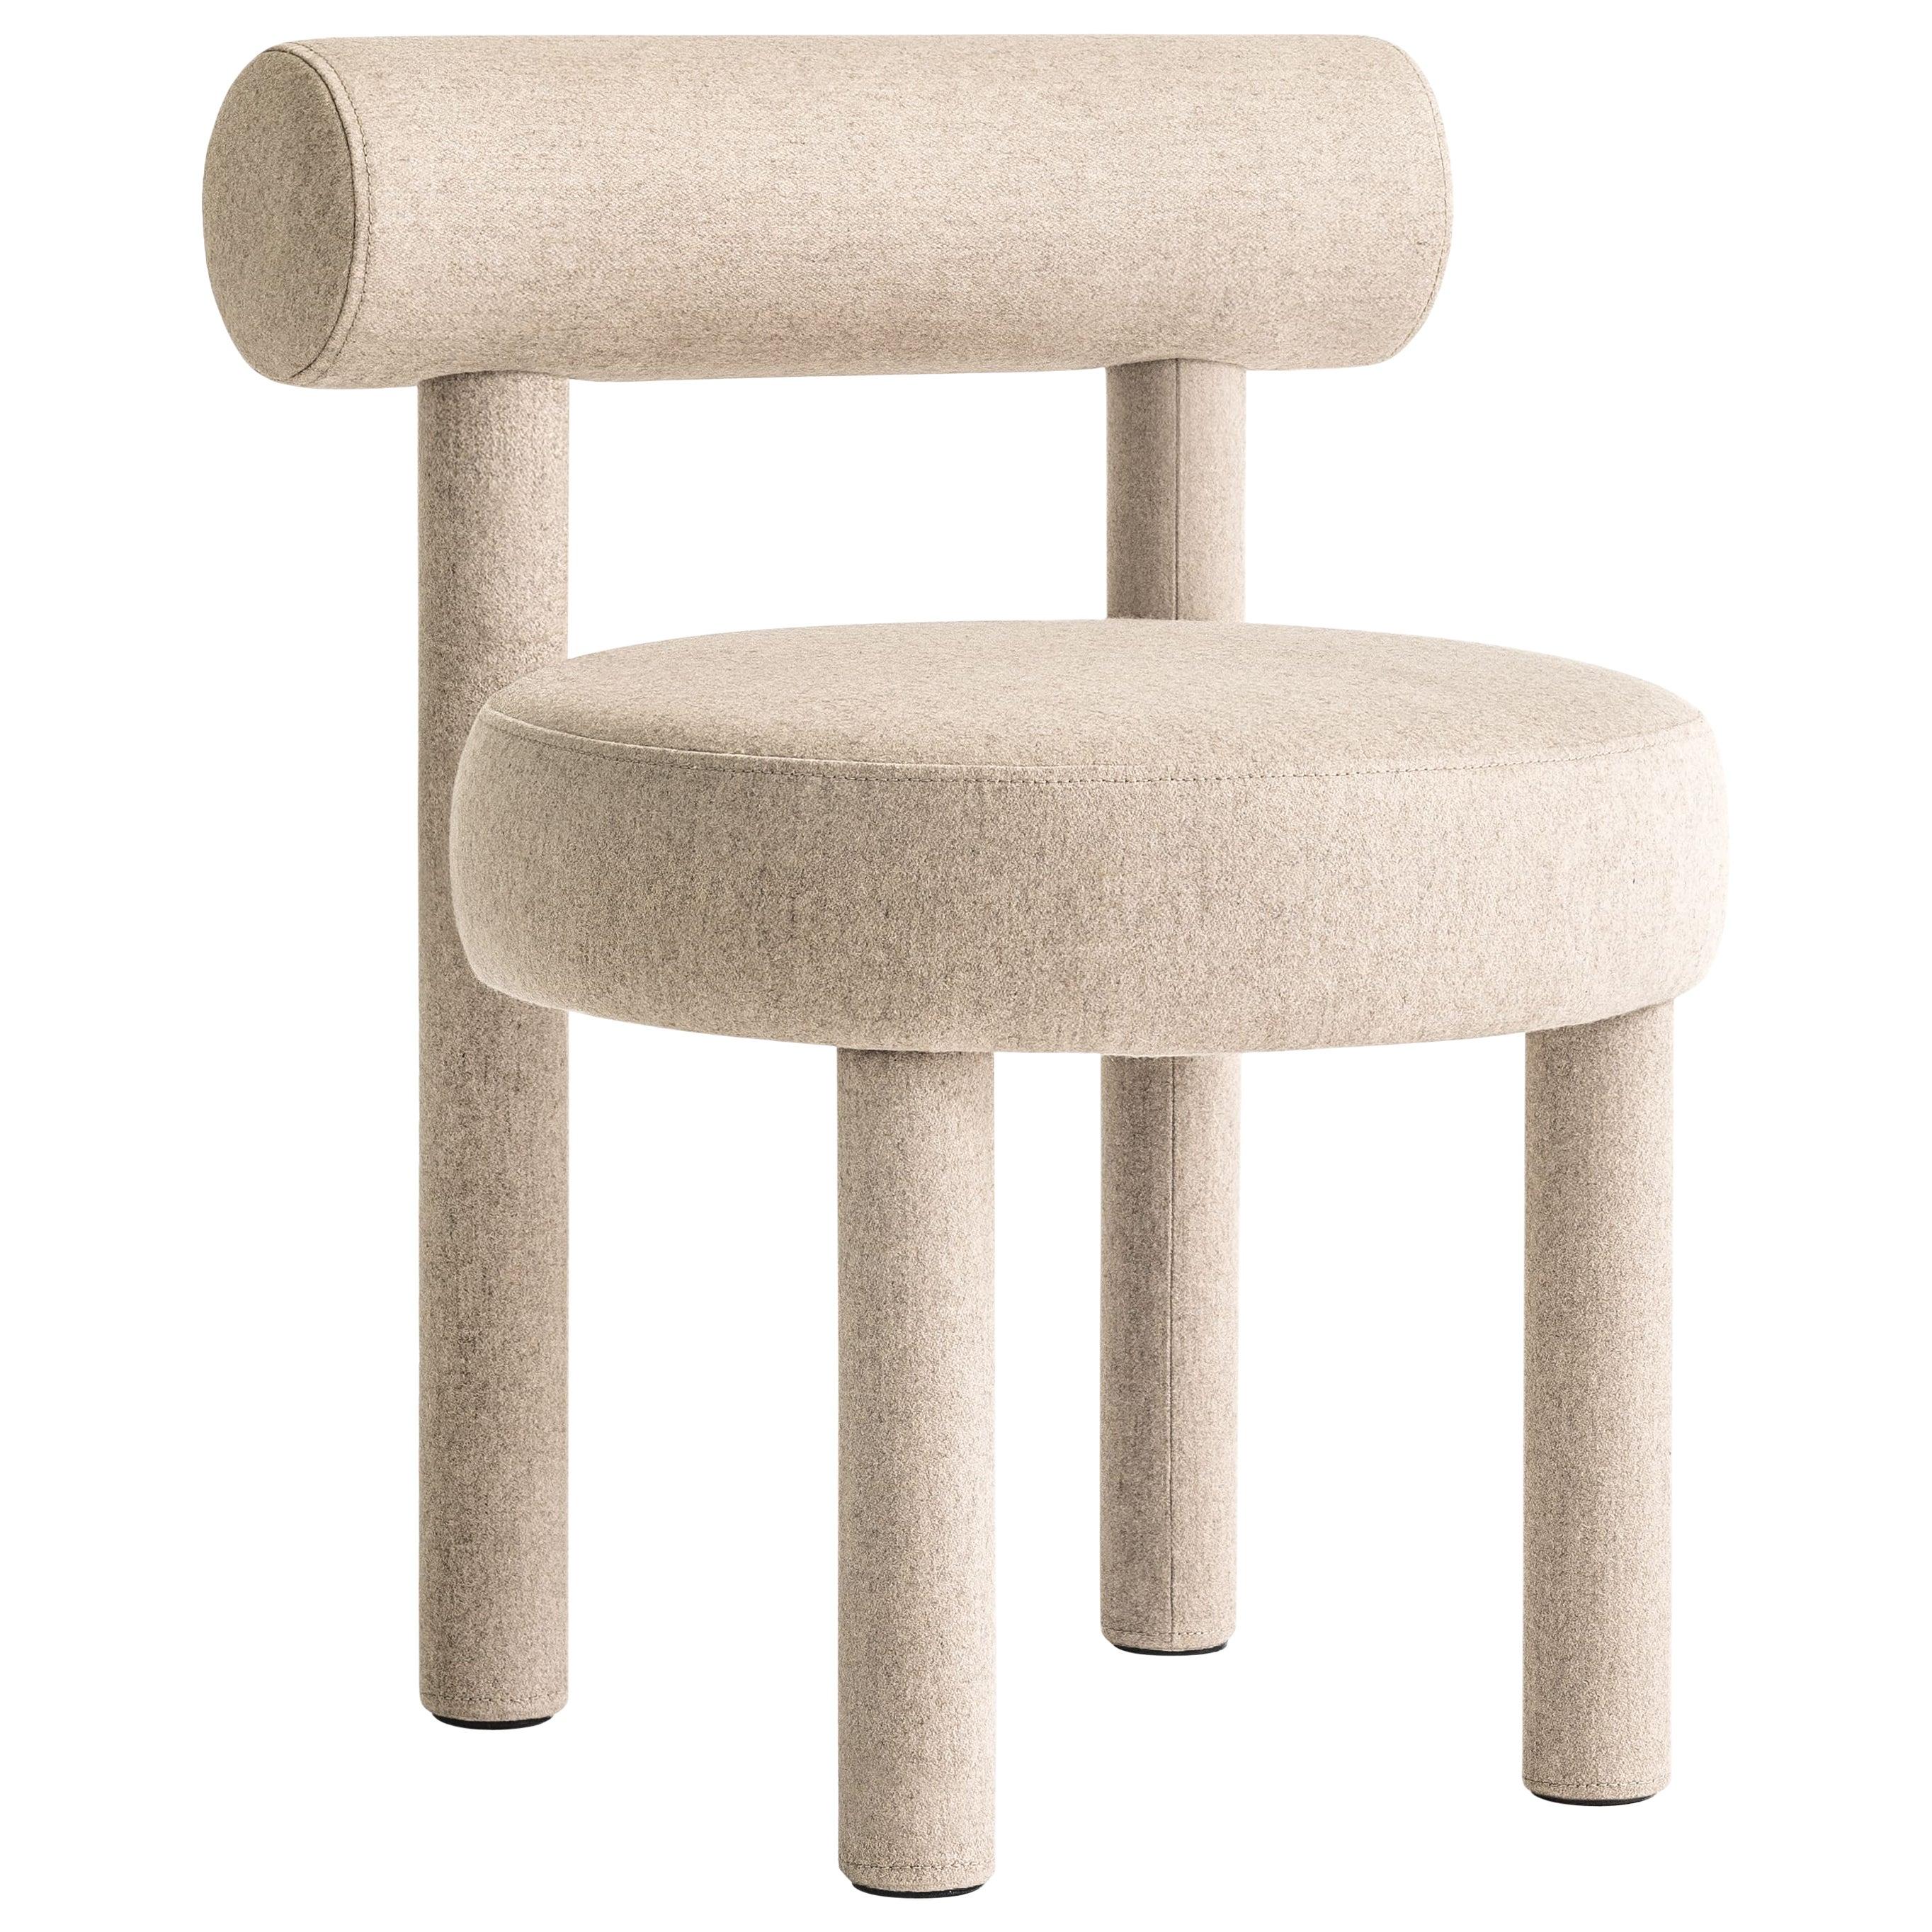 Modern Chair Gropius CS1 in Wool Fabric by Noom